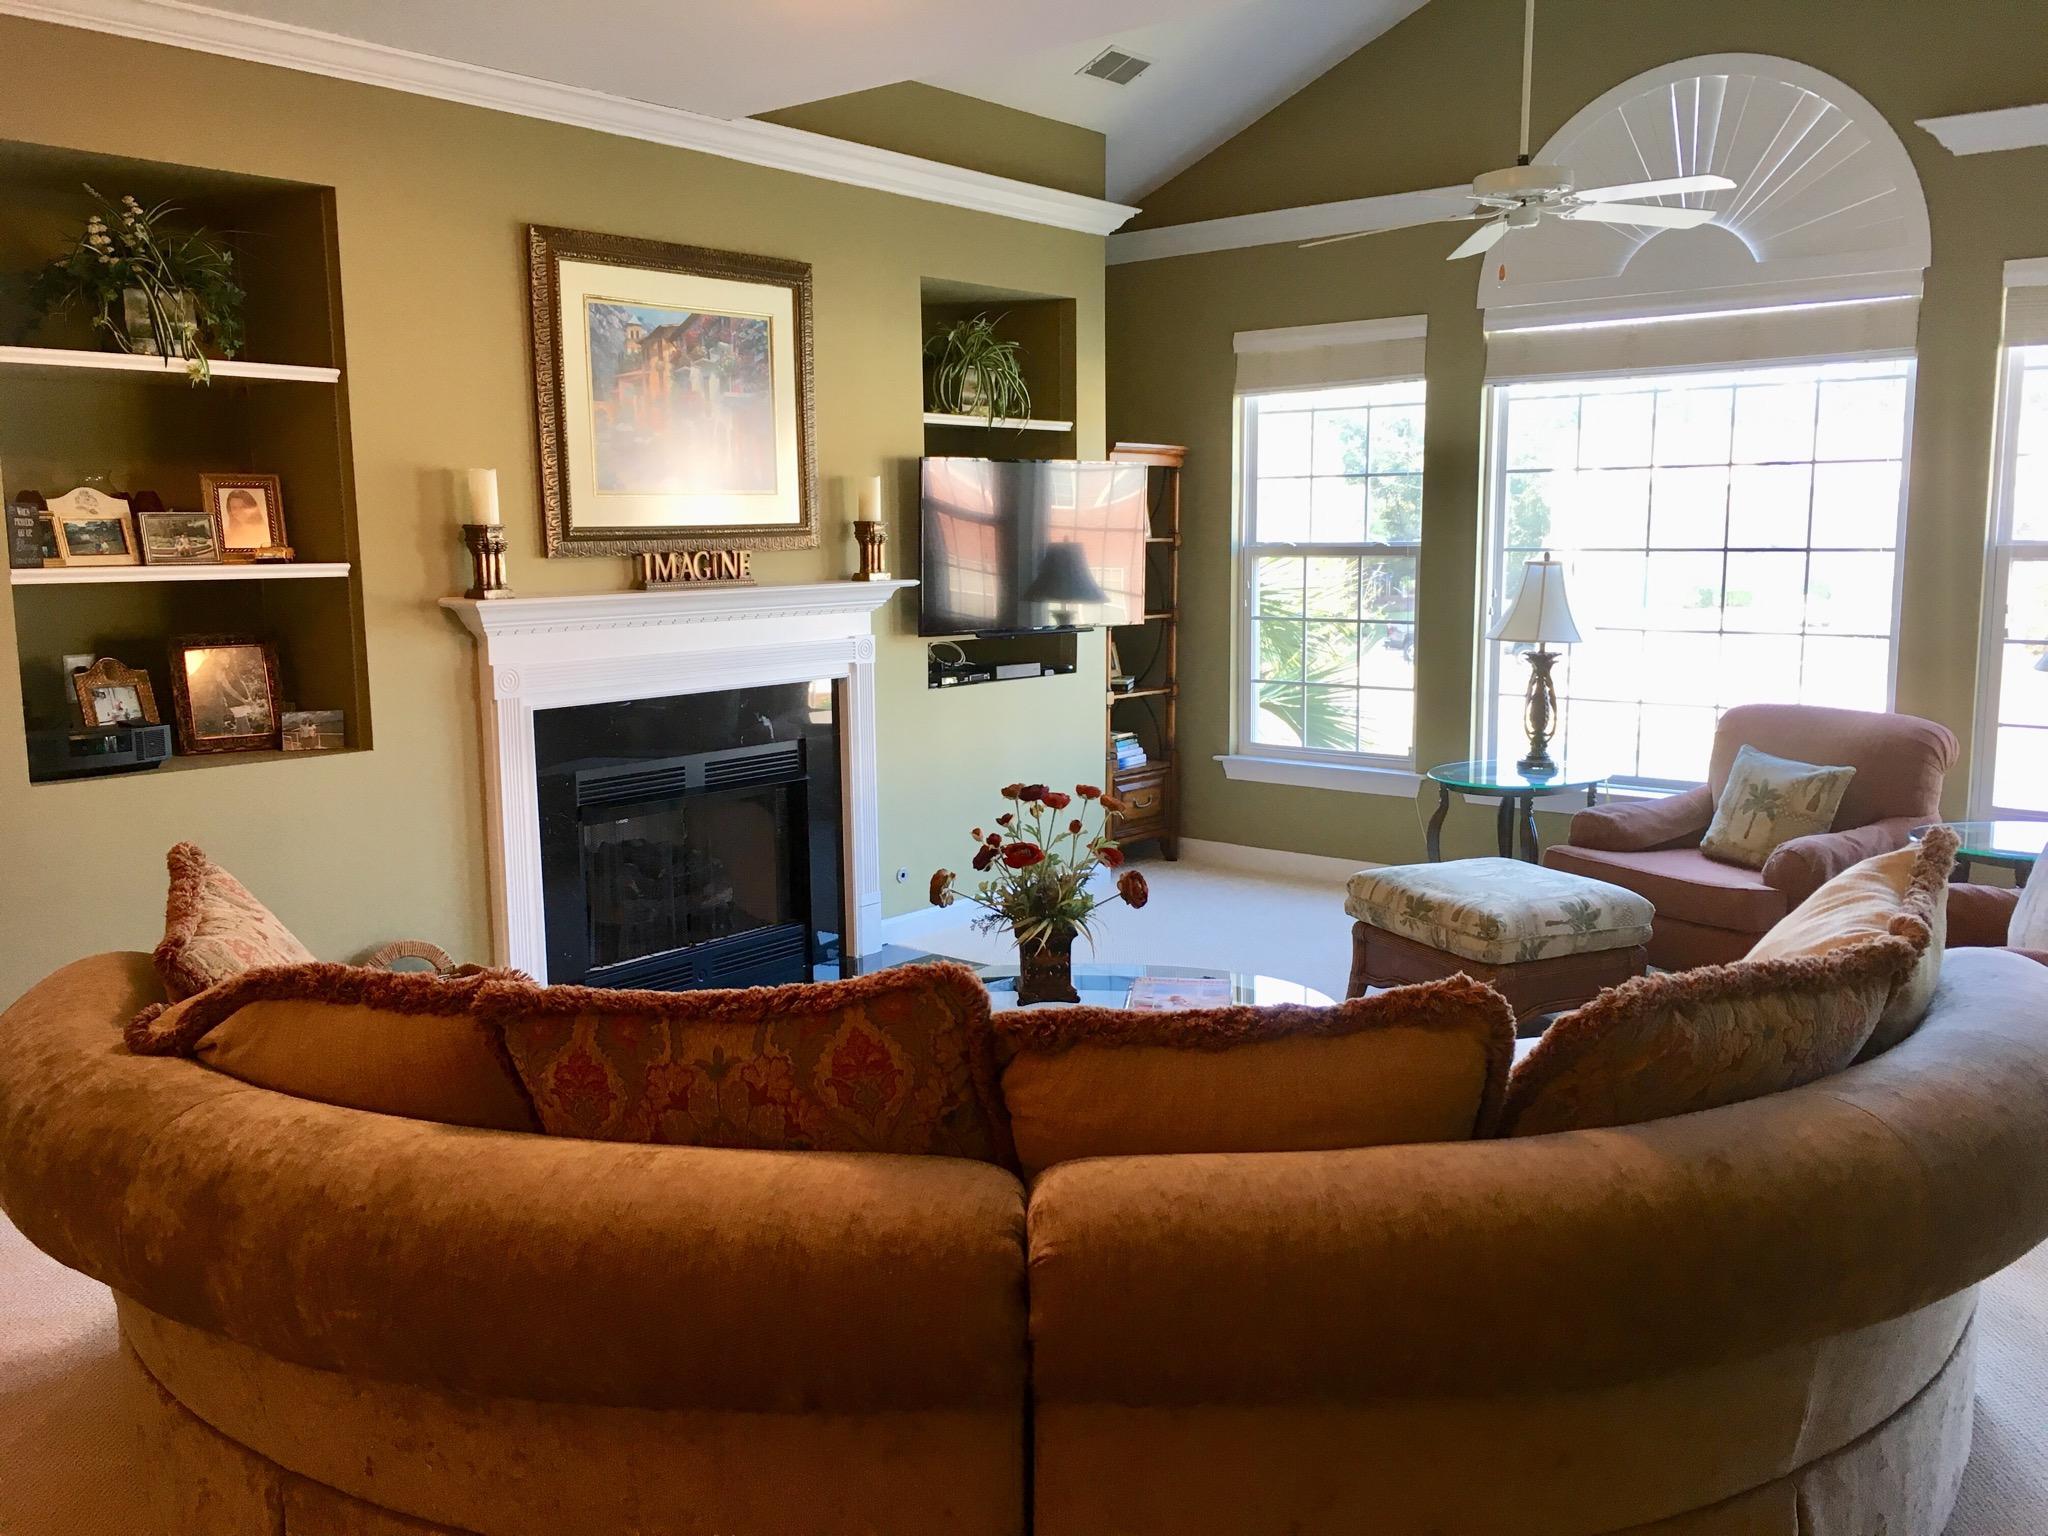 Dunes West Homes For Sale - 1468 Ellington Woods, Mount Pleasant, SC - 14